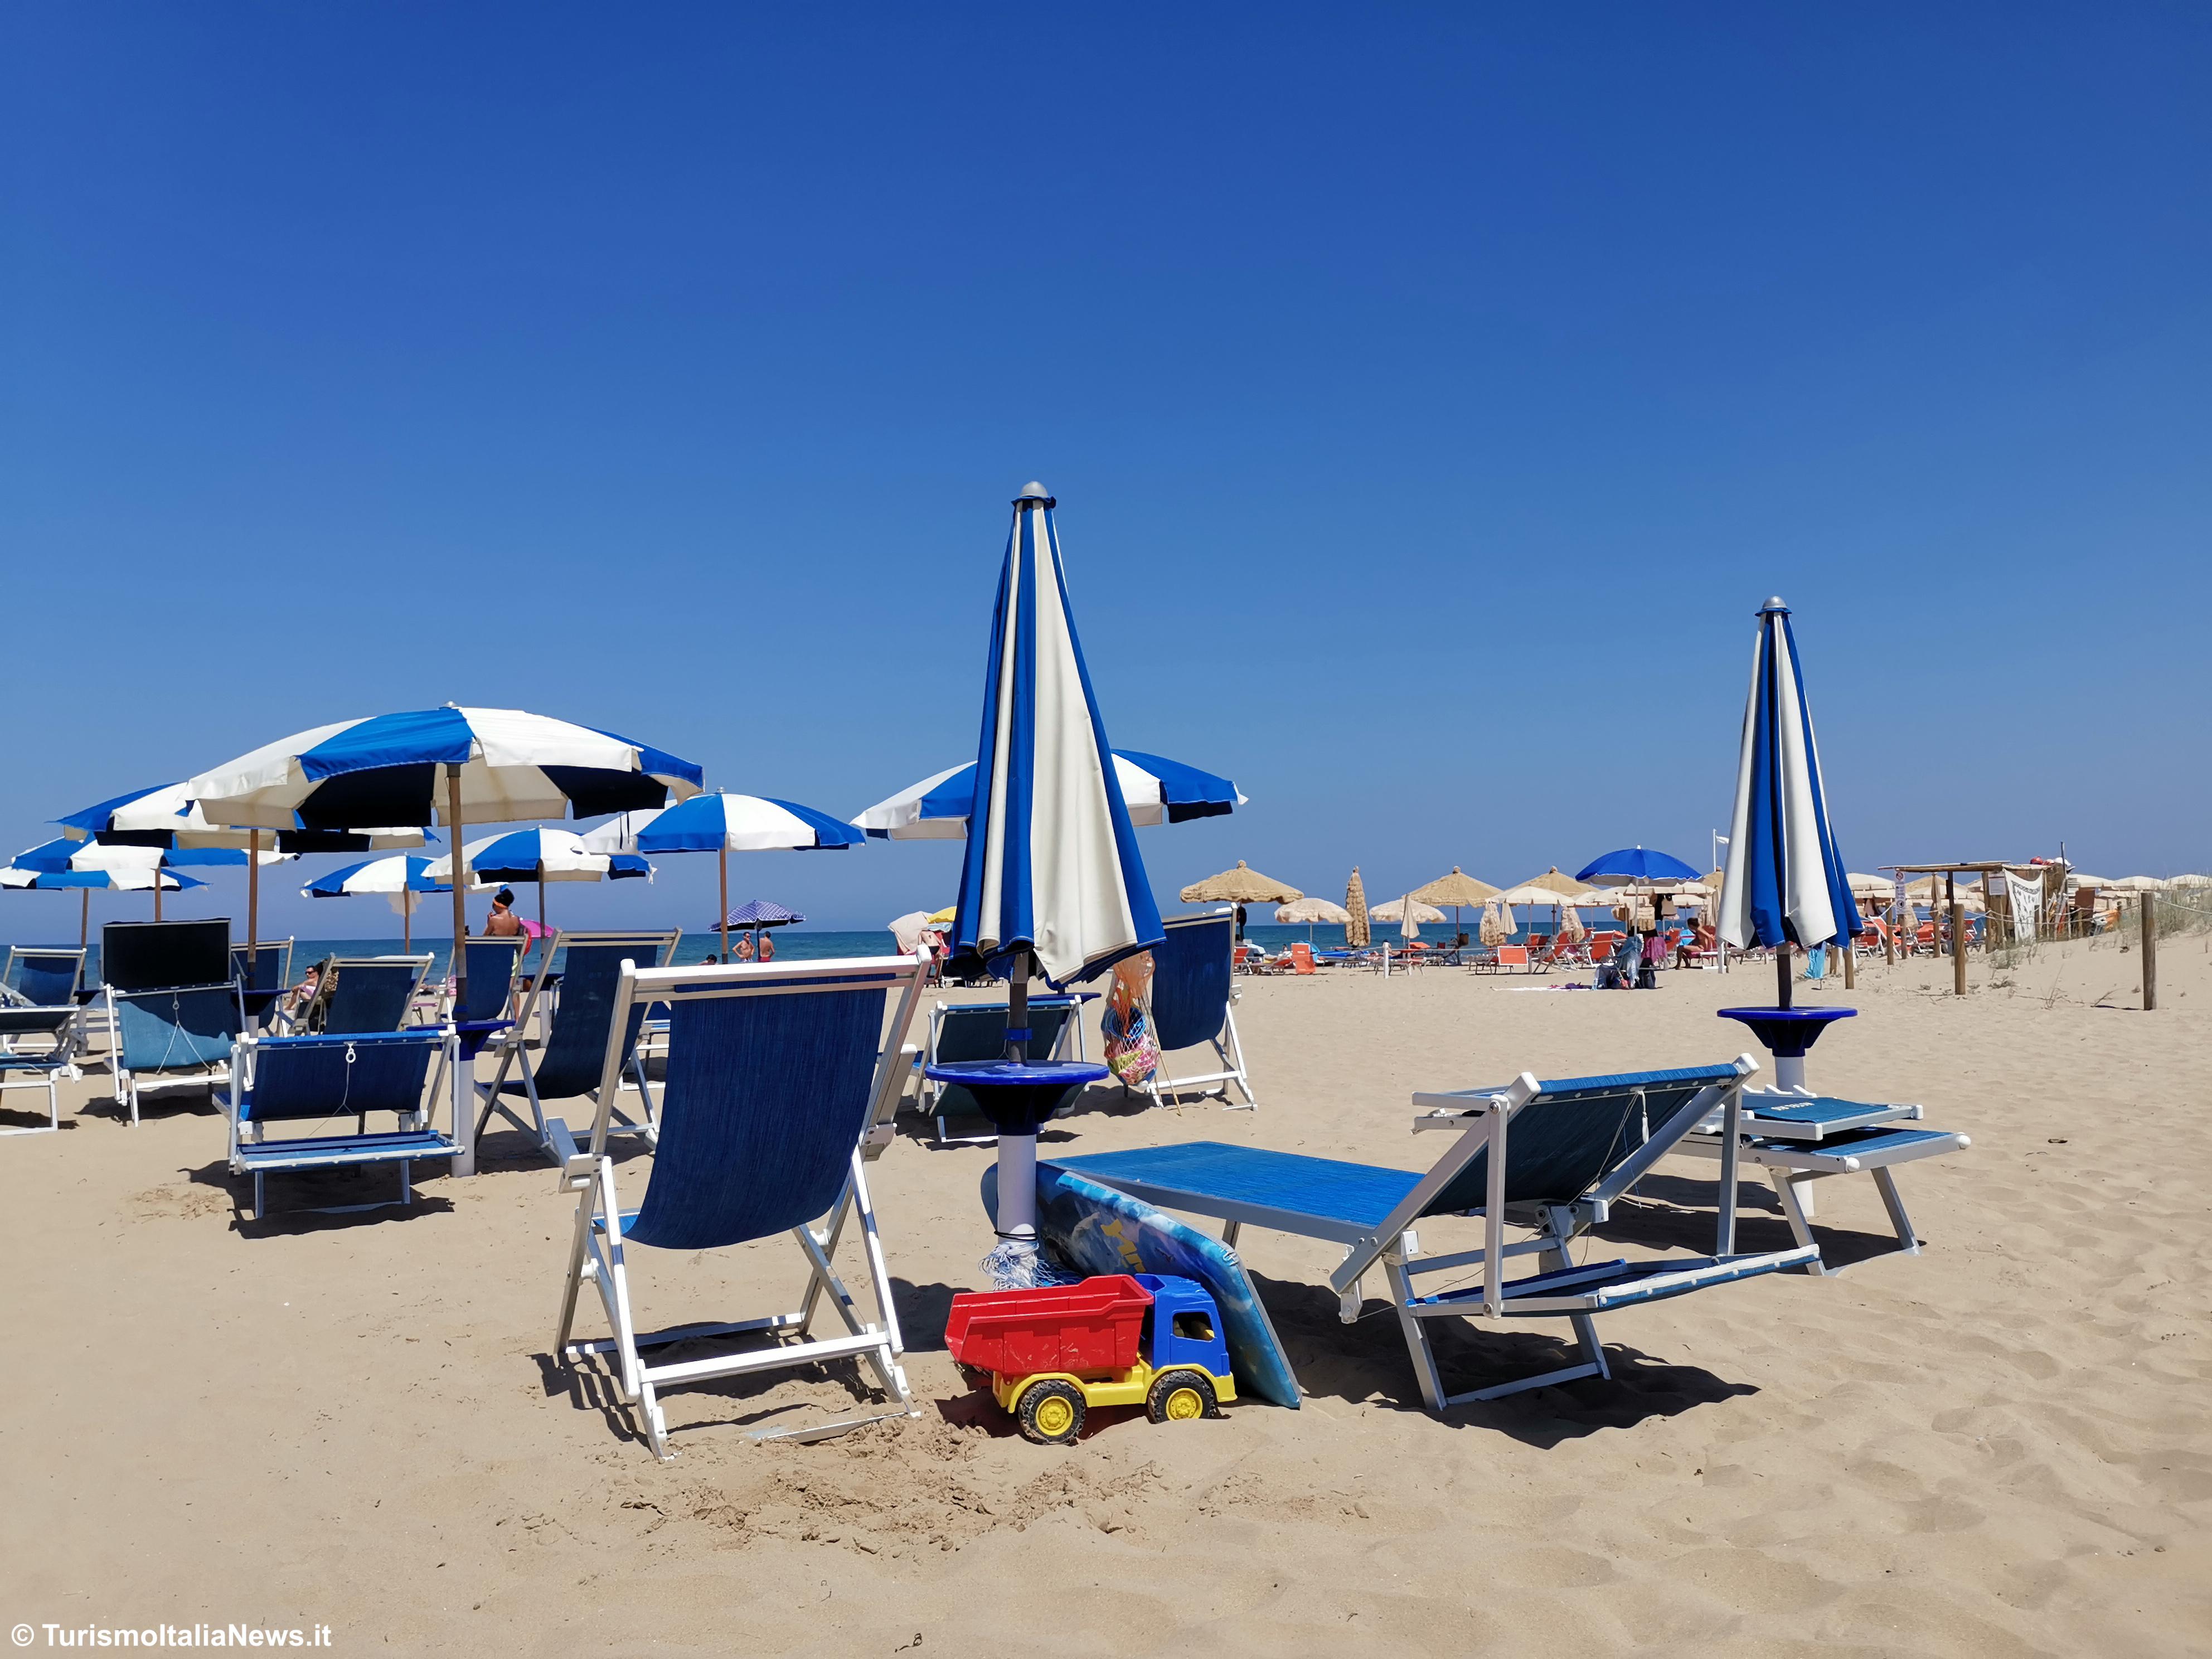 https://www.turismoitalianews.it/images/stories/mare/RivieraMareAdriatico3.jpg